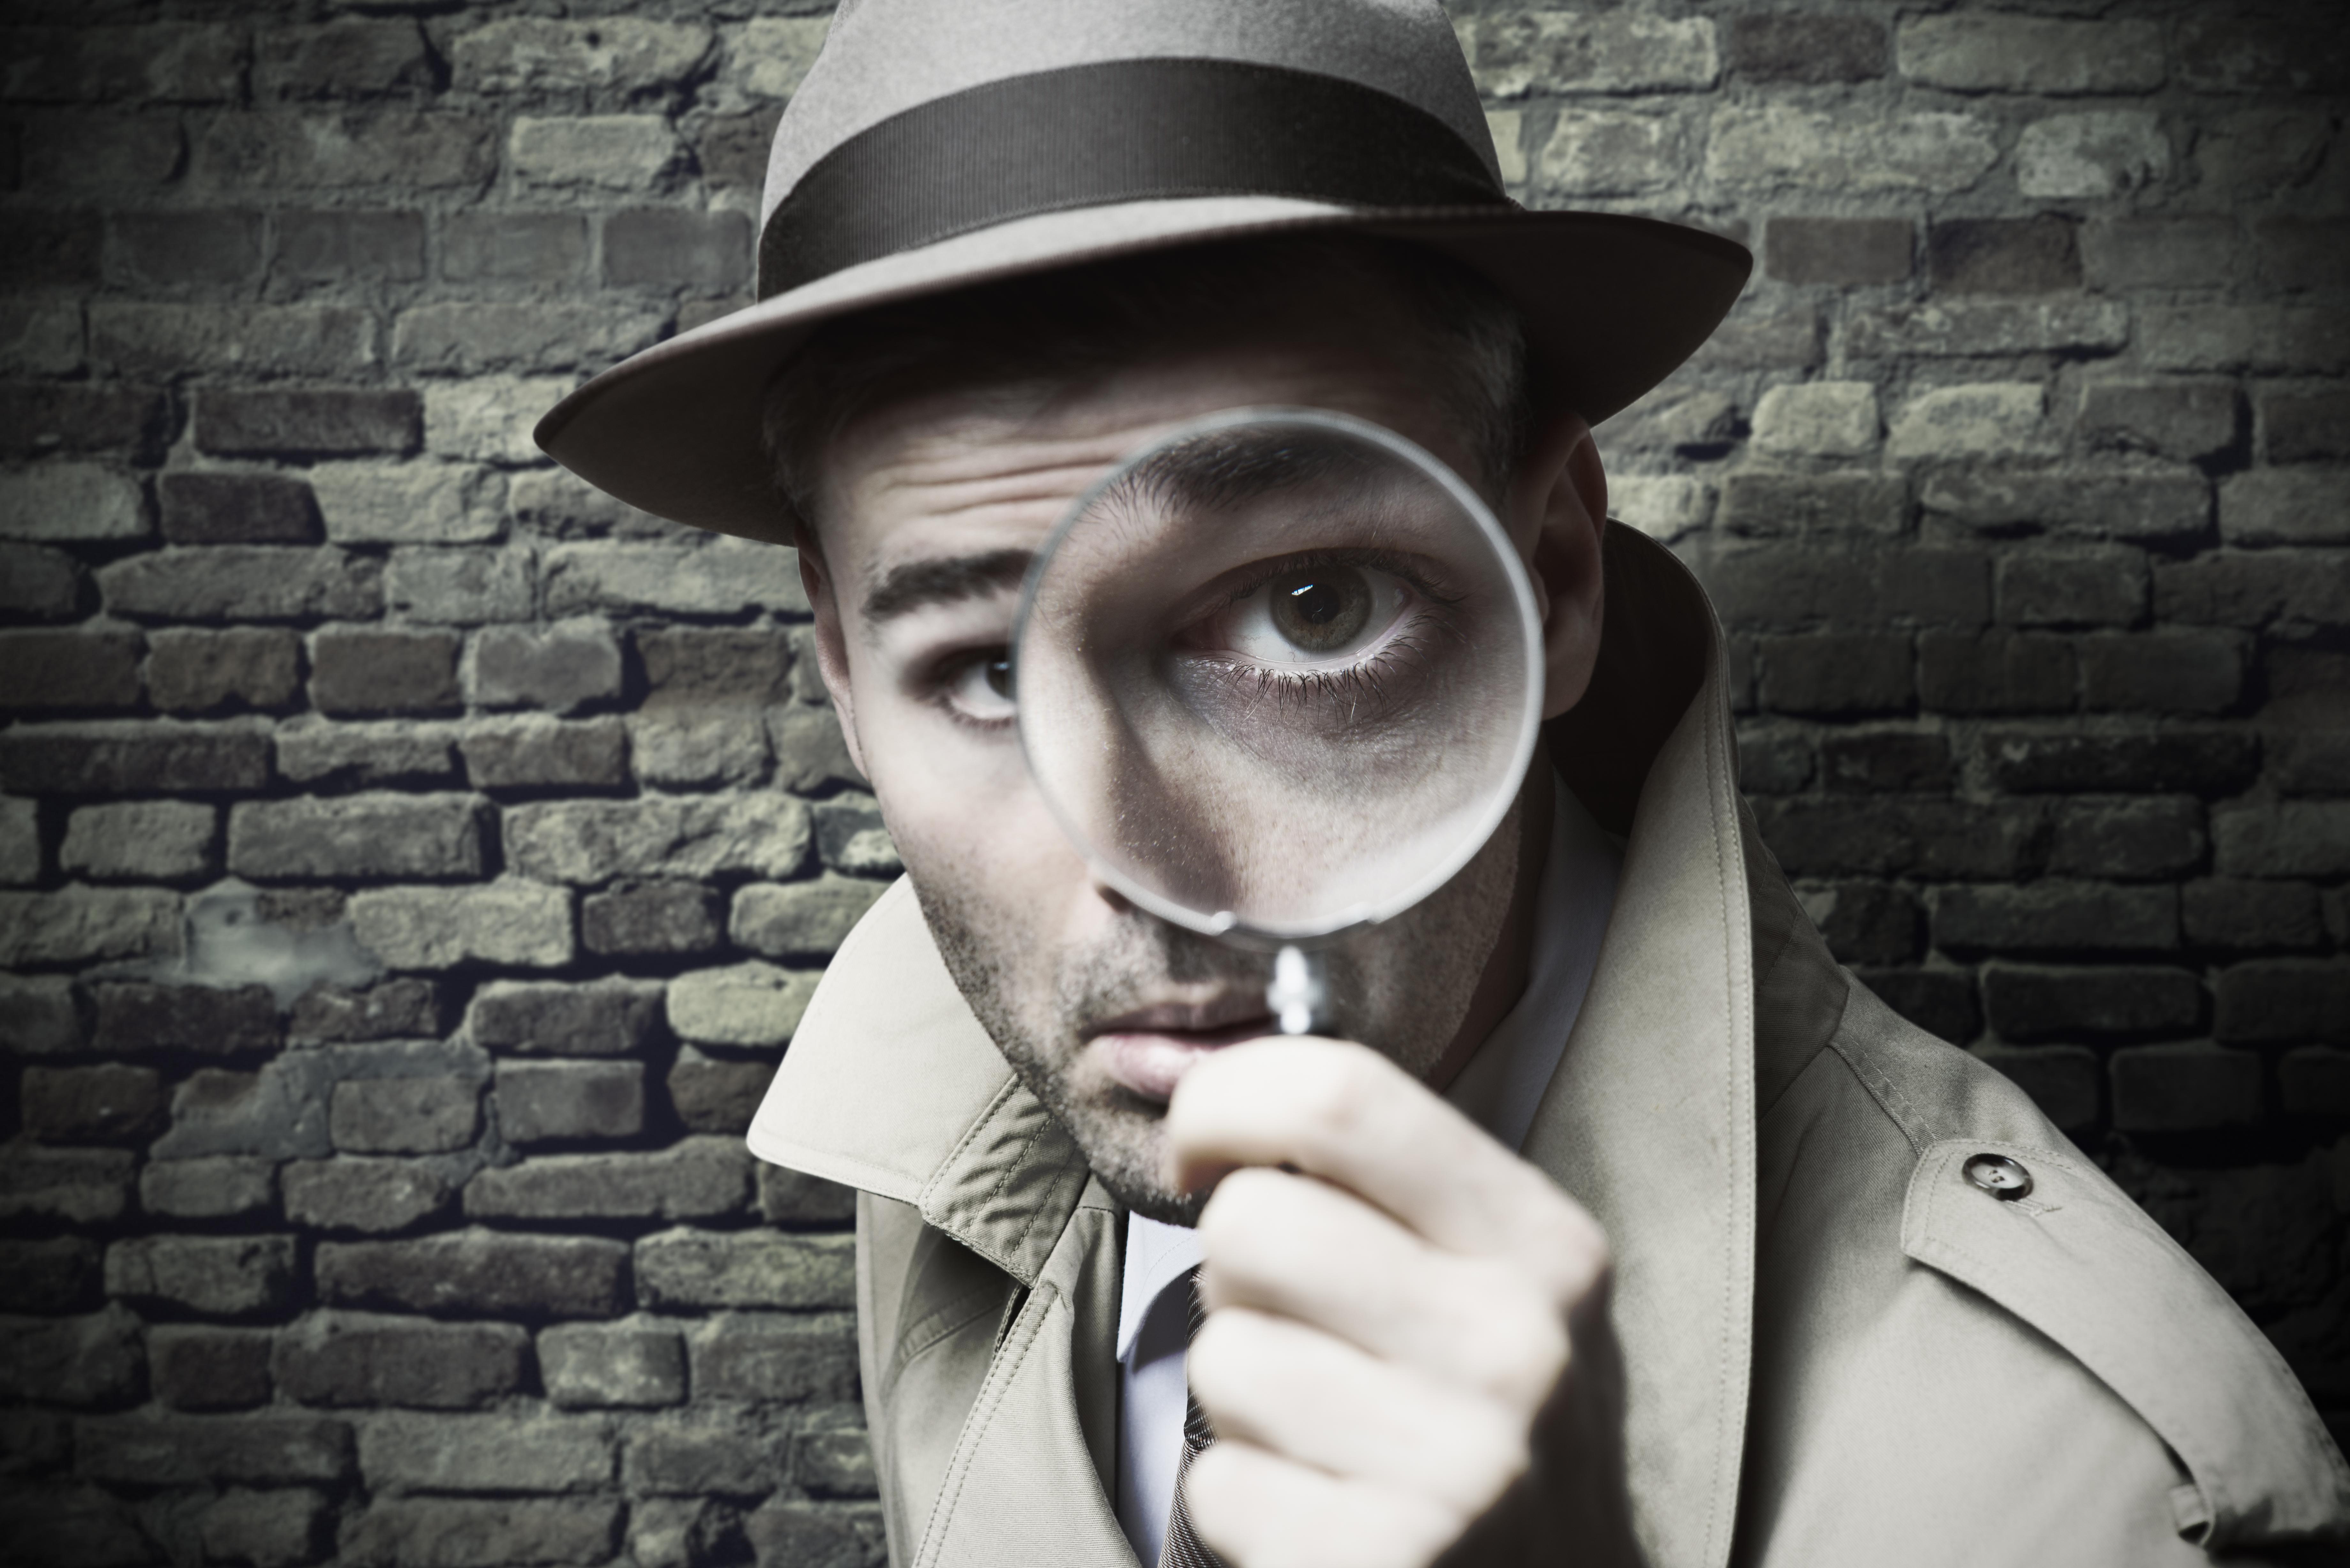 Детектив картинки смешные